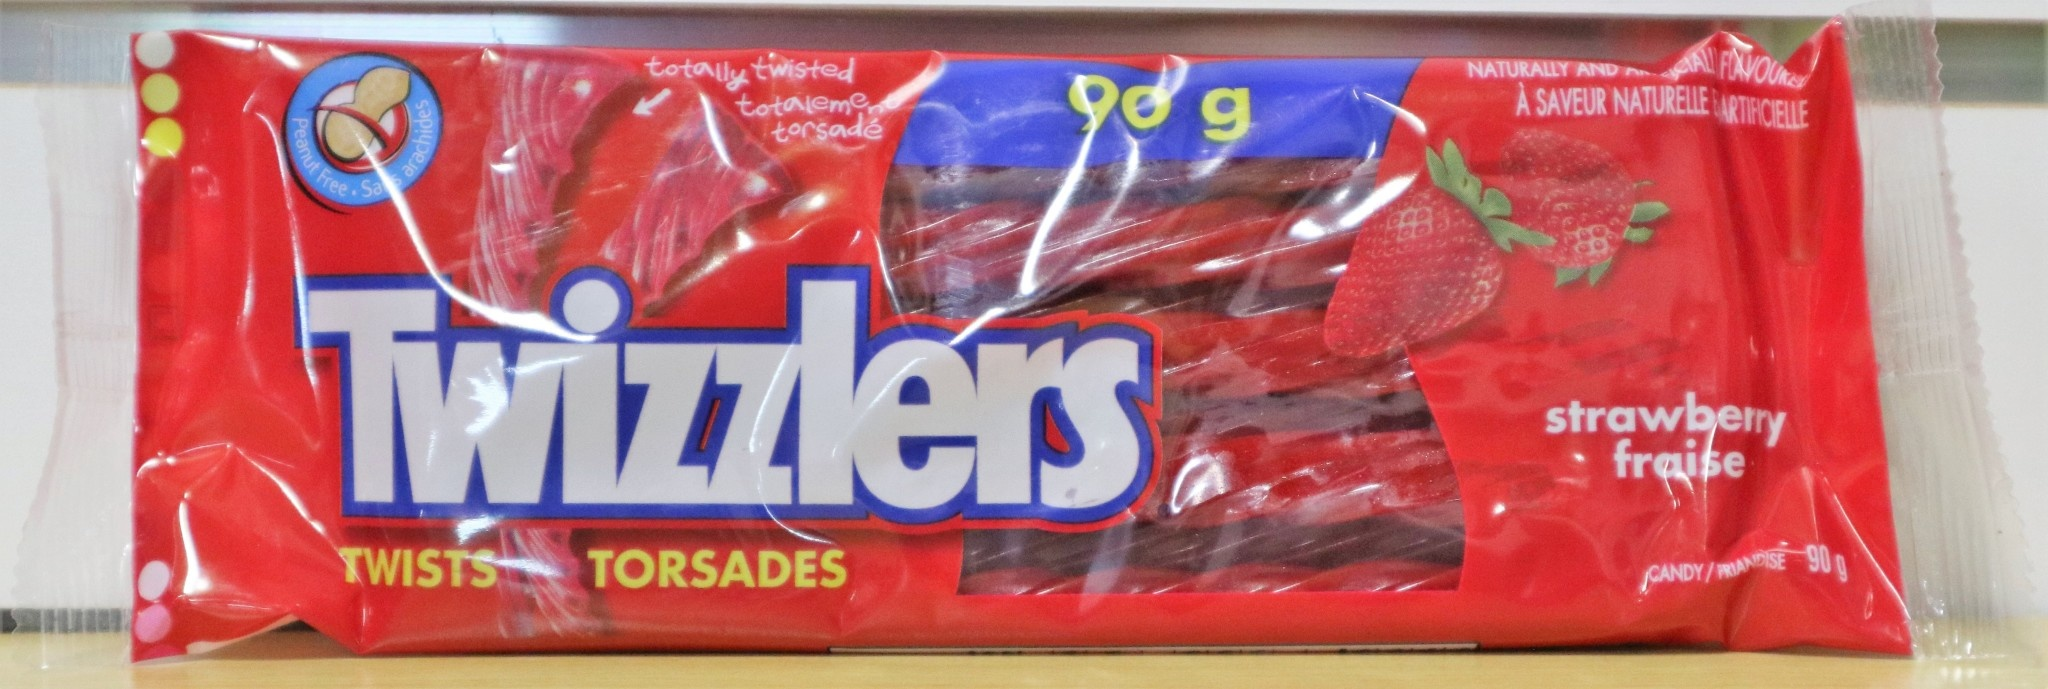 Twizzlers Twizzlers - Strawberry - 90g